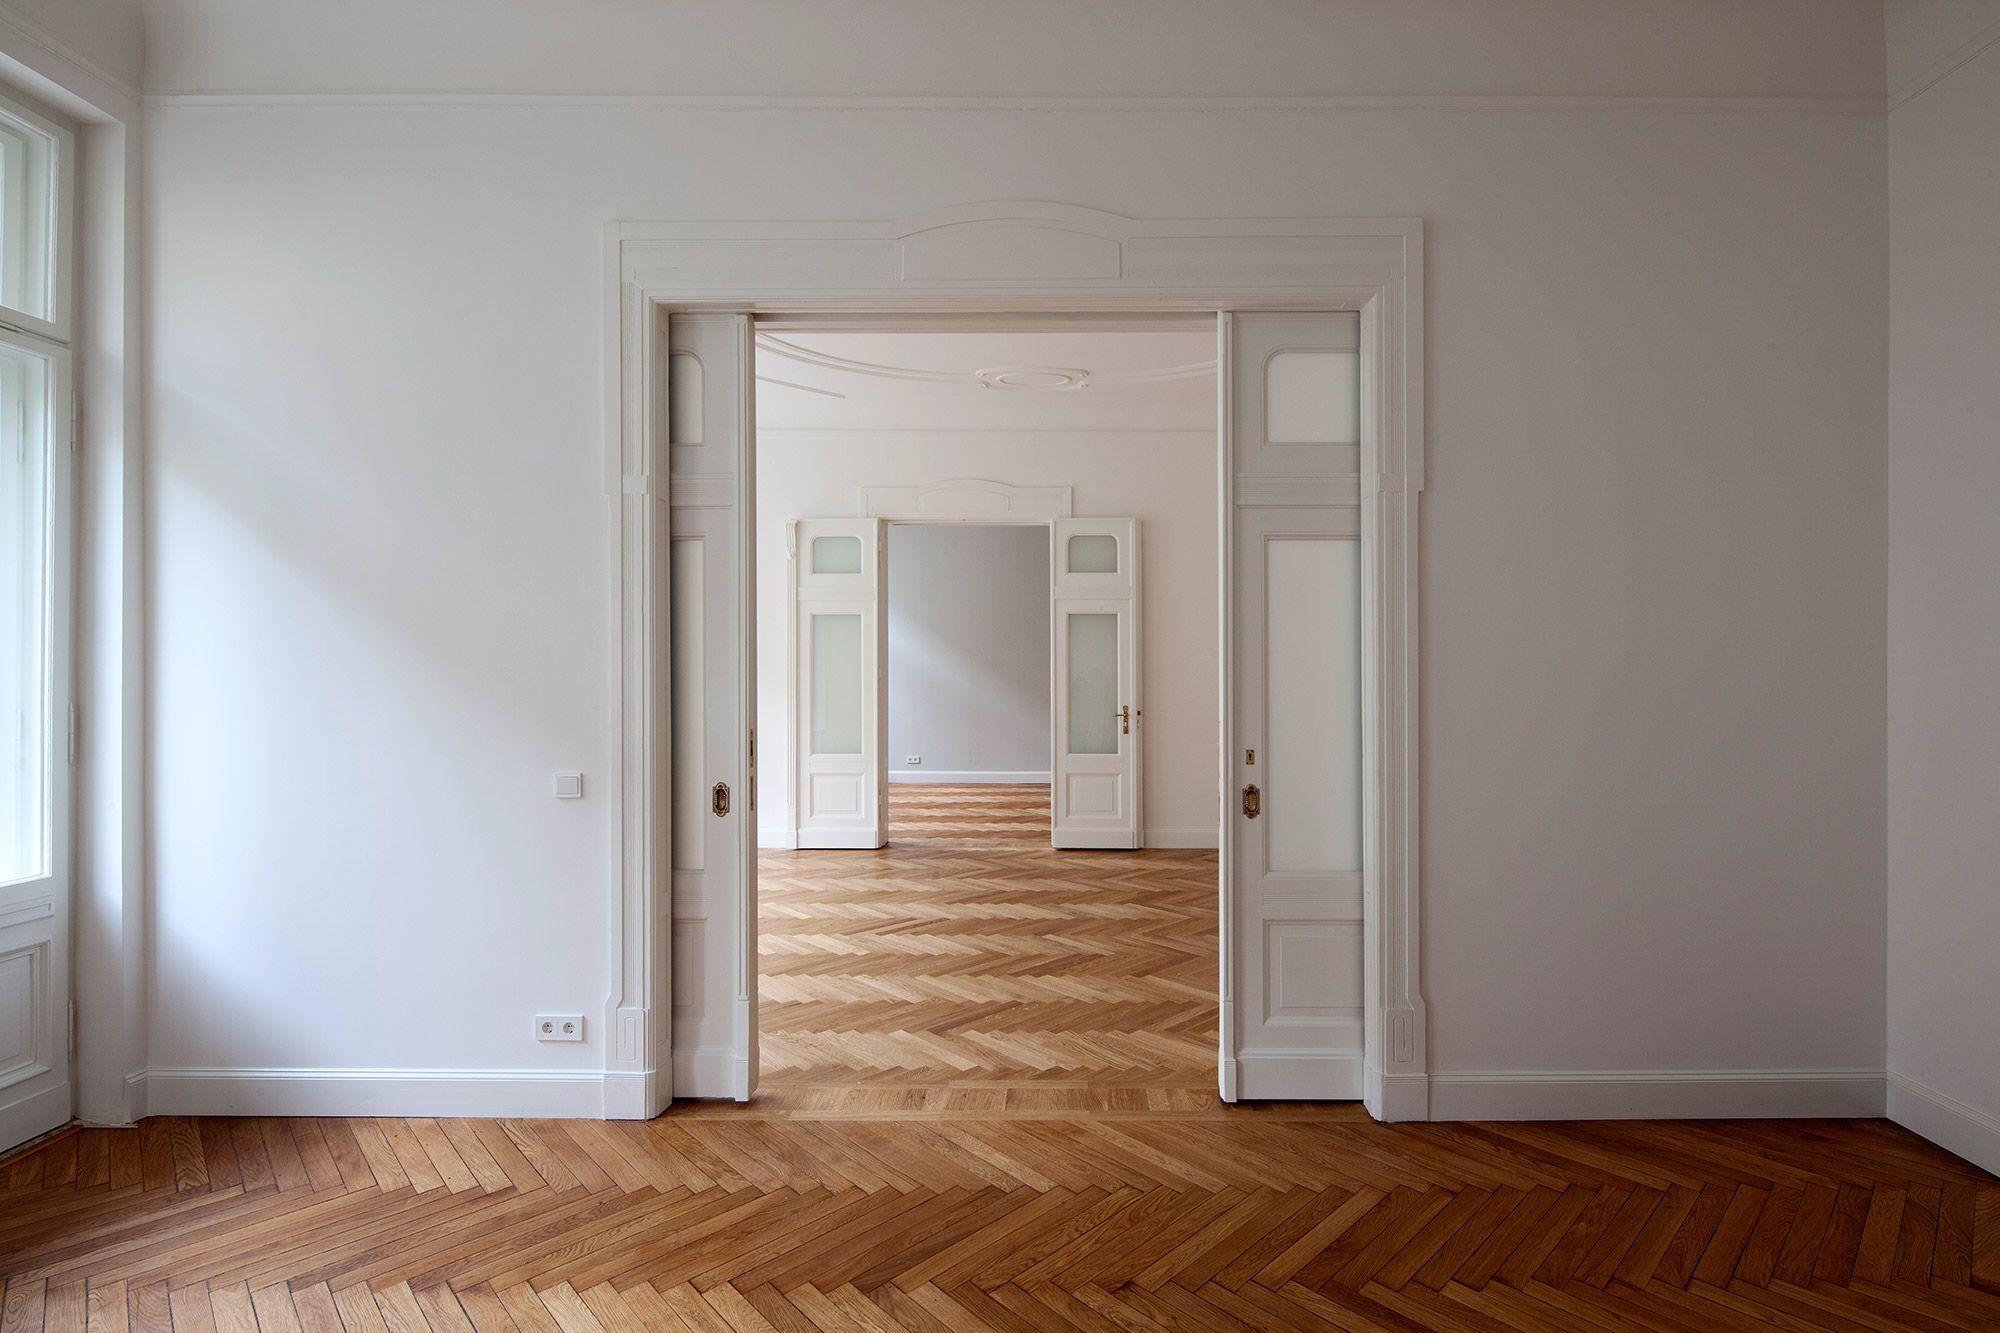 Altbauwohnung Berlin altbauwohnung berlin moabit rooms interiors